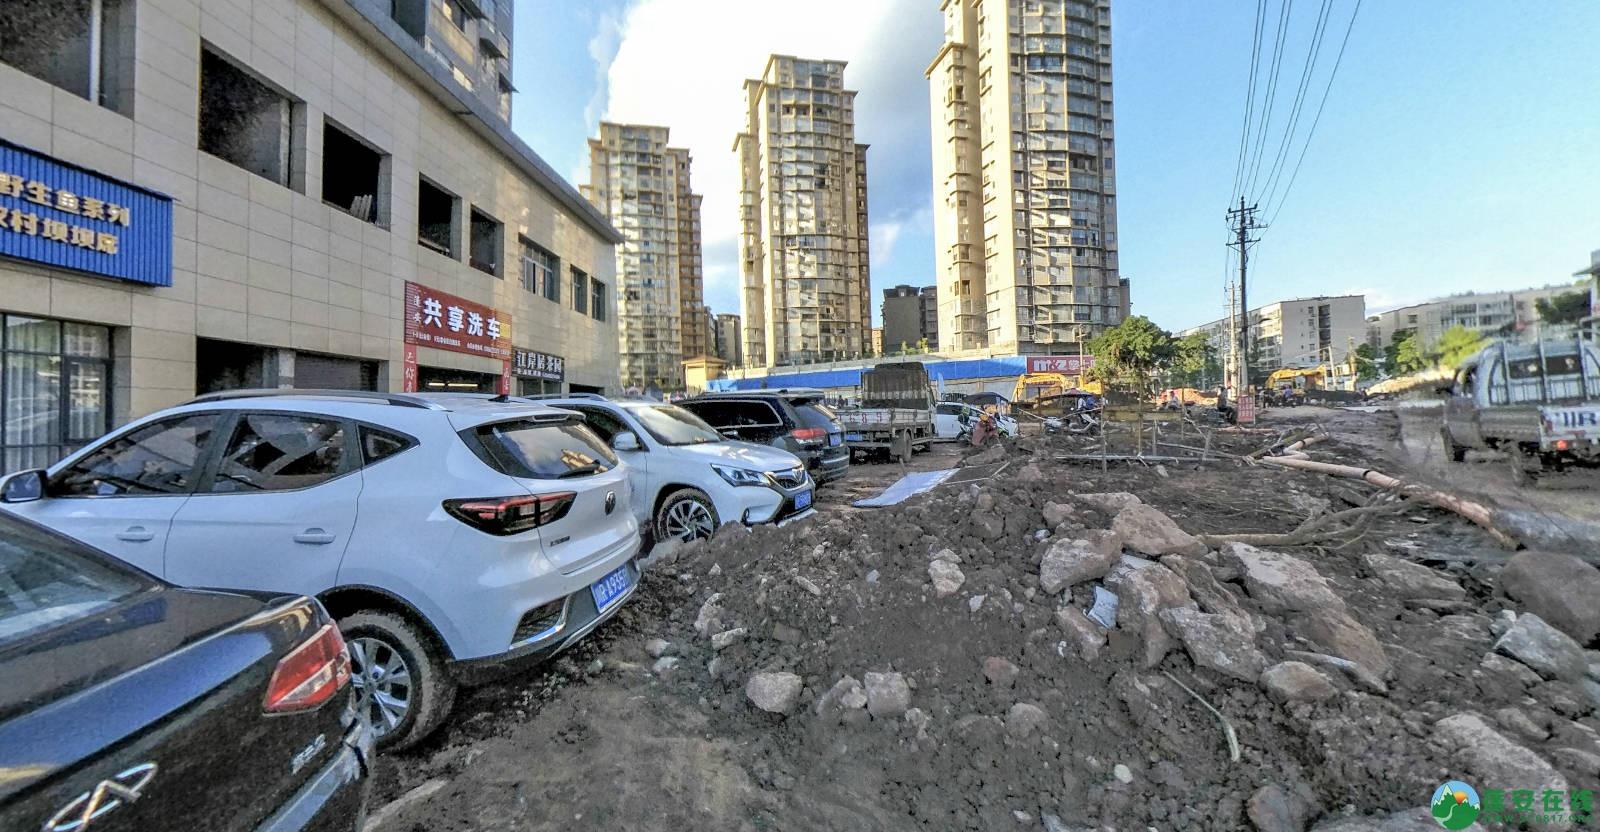 蓬安县嘉陵西路改建工程进展(2019-06-16) - 第6张  | 蓬安在线